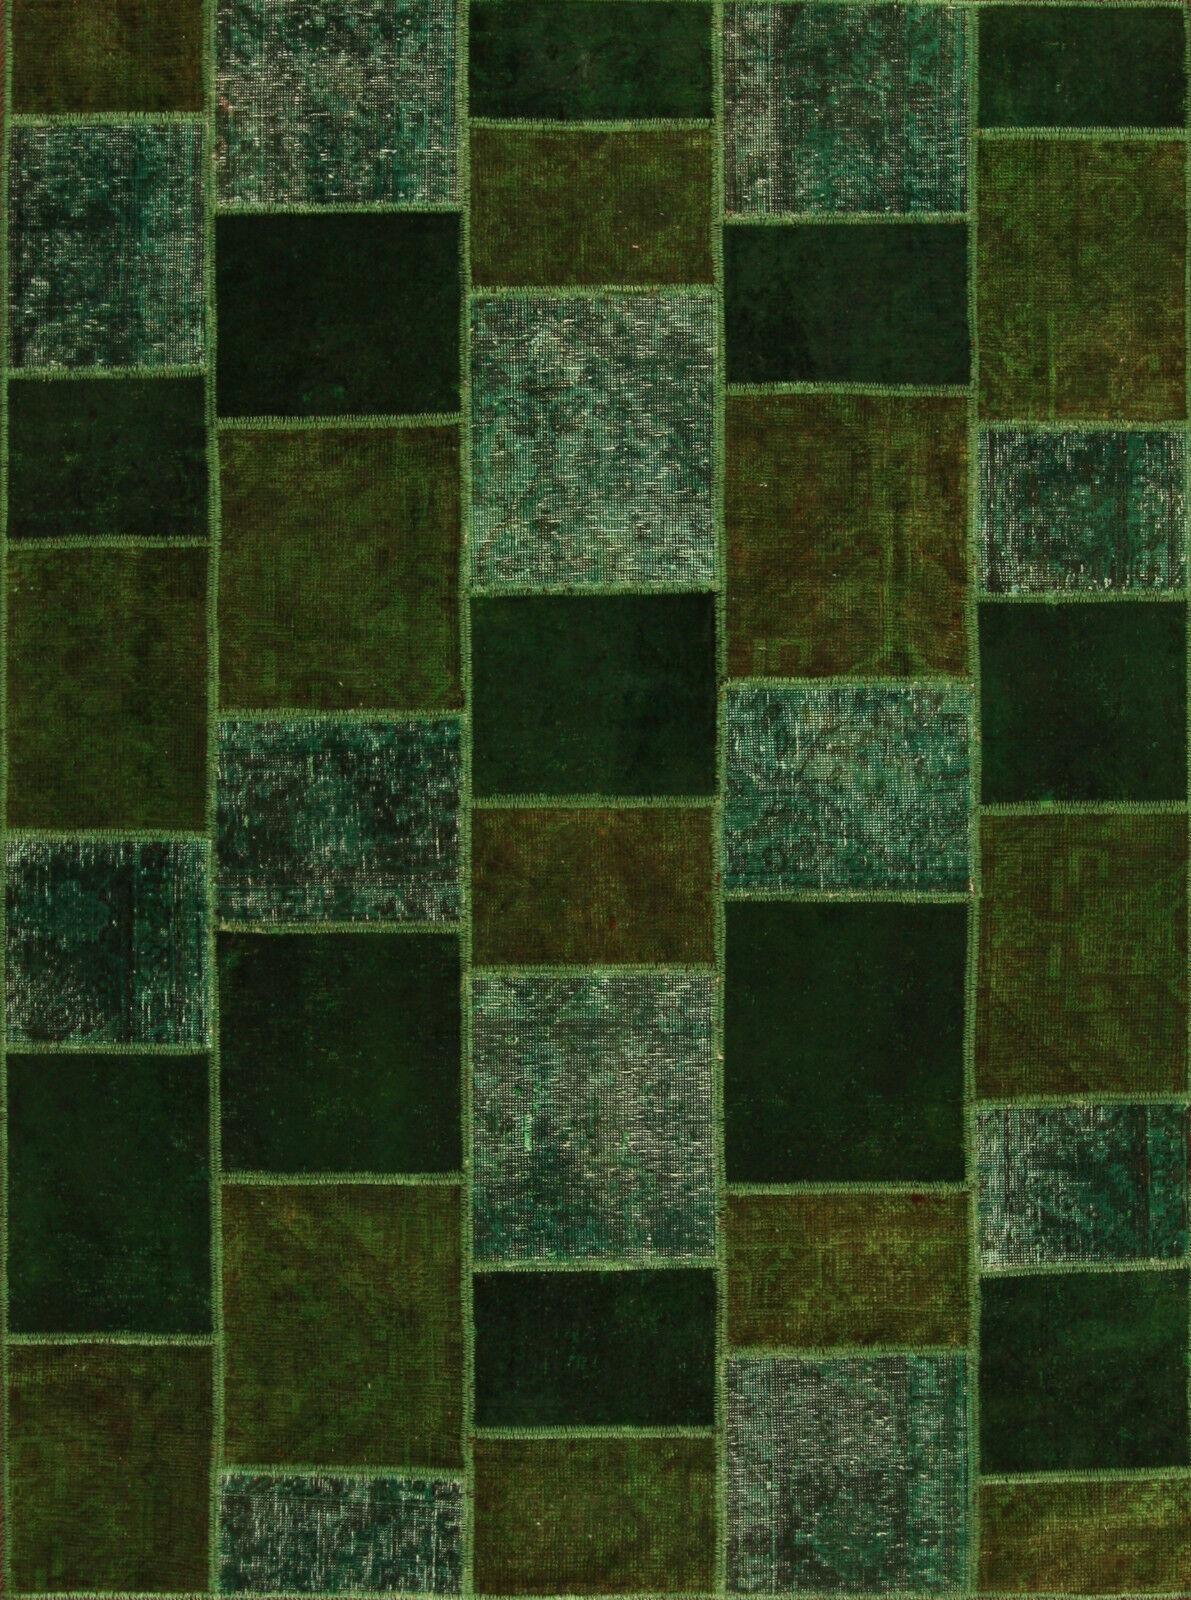 Alfombra Oriental Auténtica Anudada a mano nr. 3583 (200 x 145) cm PACHWORK